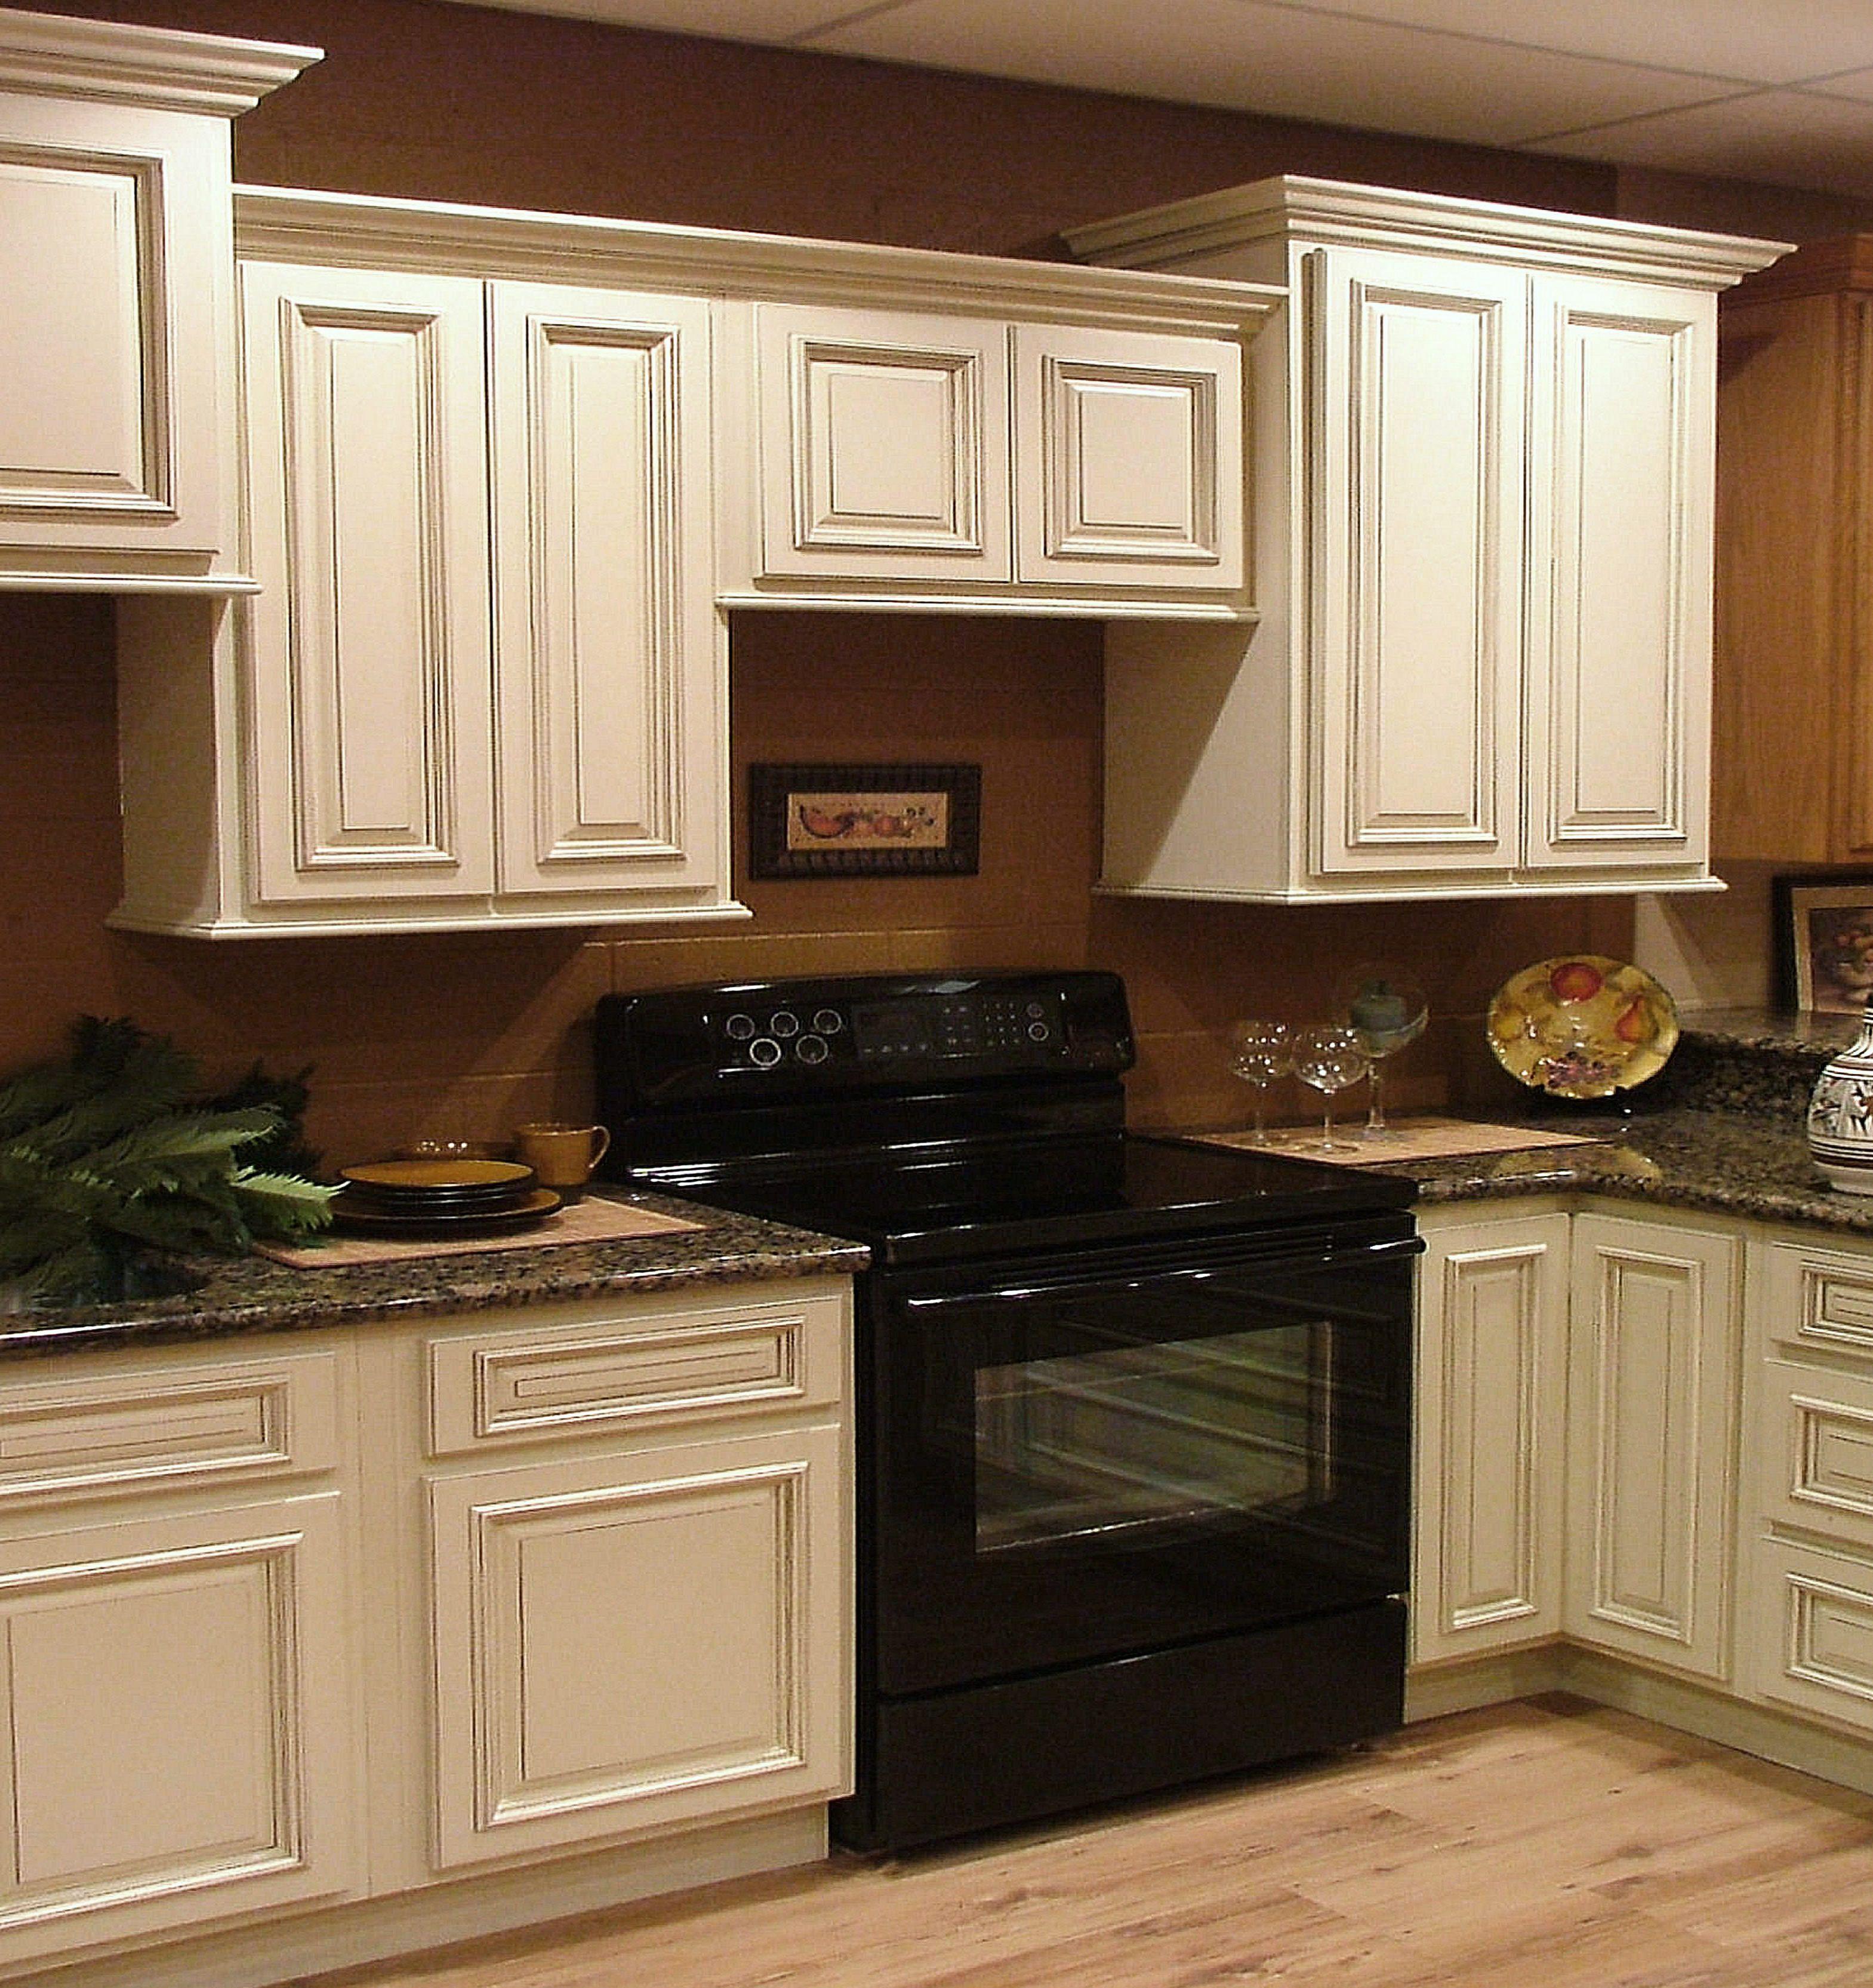 Küchenideen mit schwarzen schränken anmutige farbe schränke weiße küche umgestaltung ideen ist